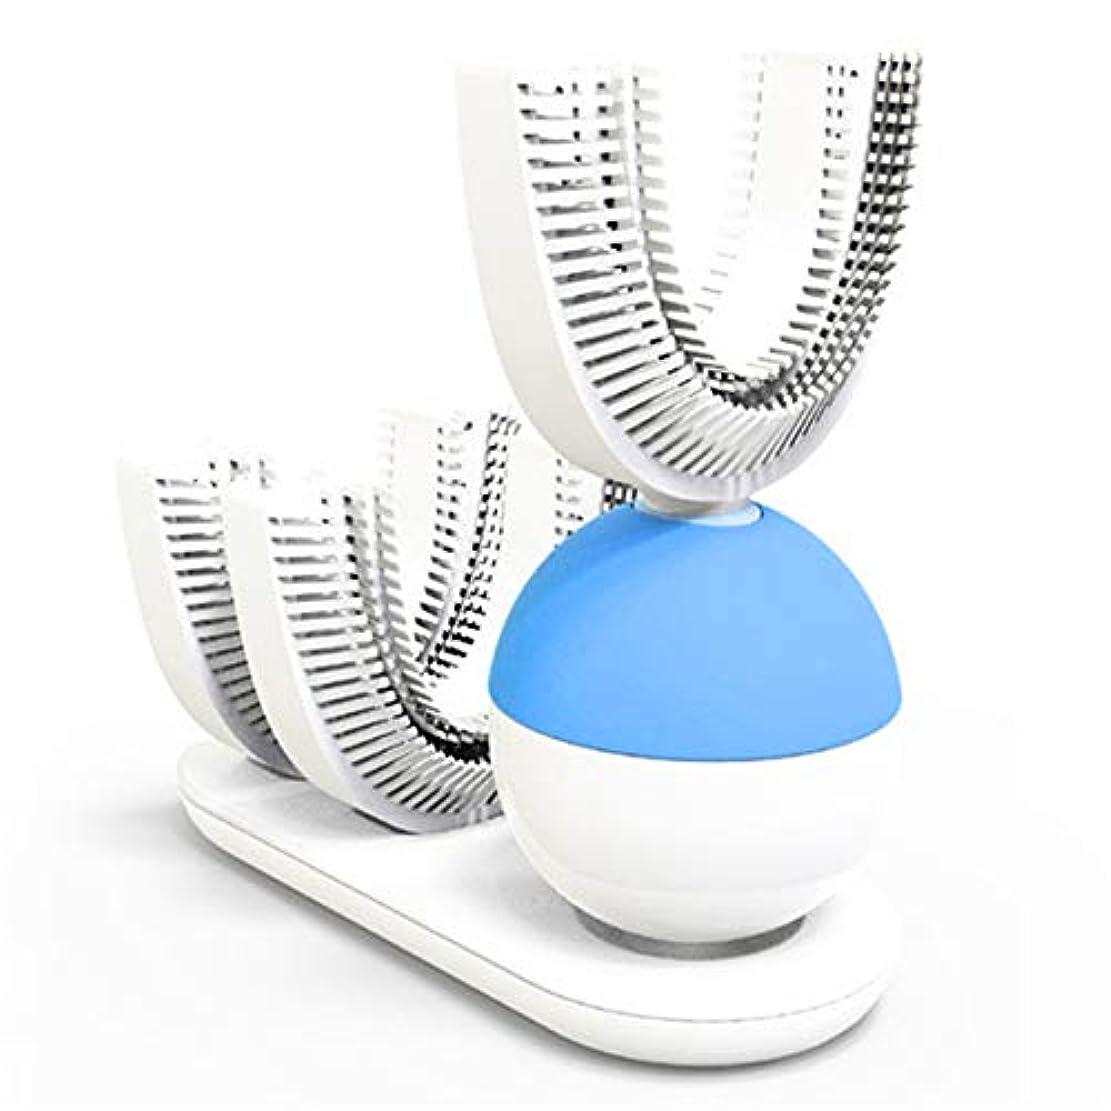 深く殺人自信がある電動歯ブラシ 自動歯ブラシ U型 360°全方位 超音波 怠け者歯ブラシ ワイヤレス充電 歯ブラシヘッド付き